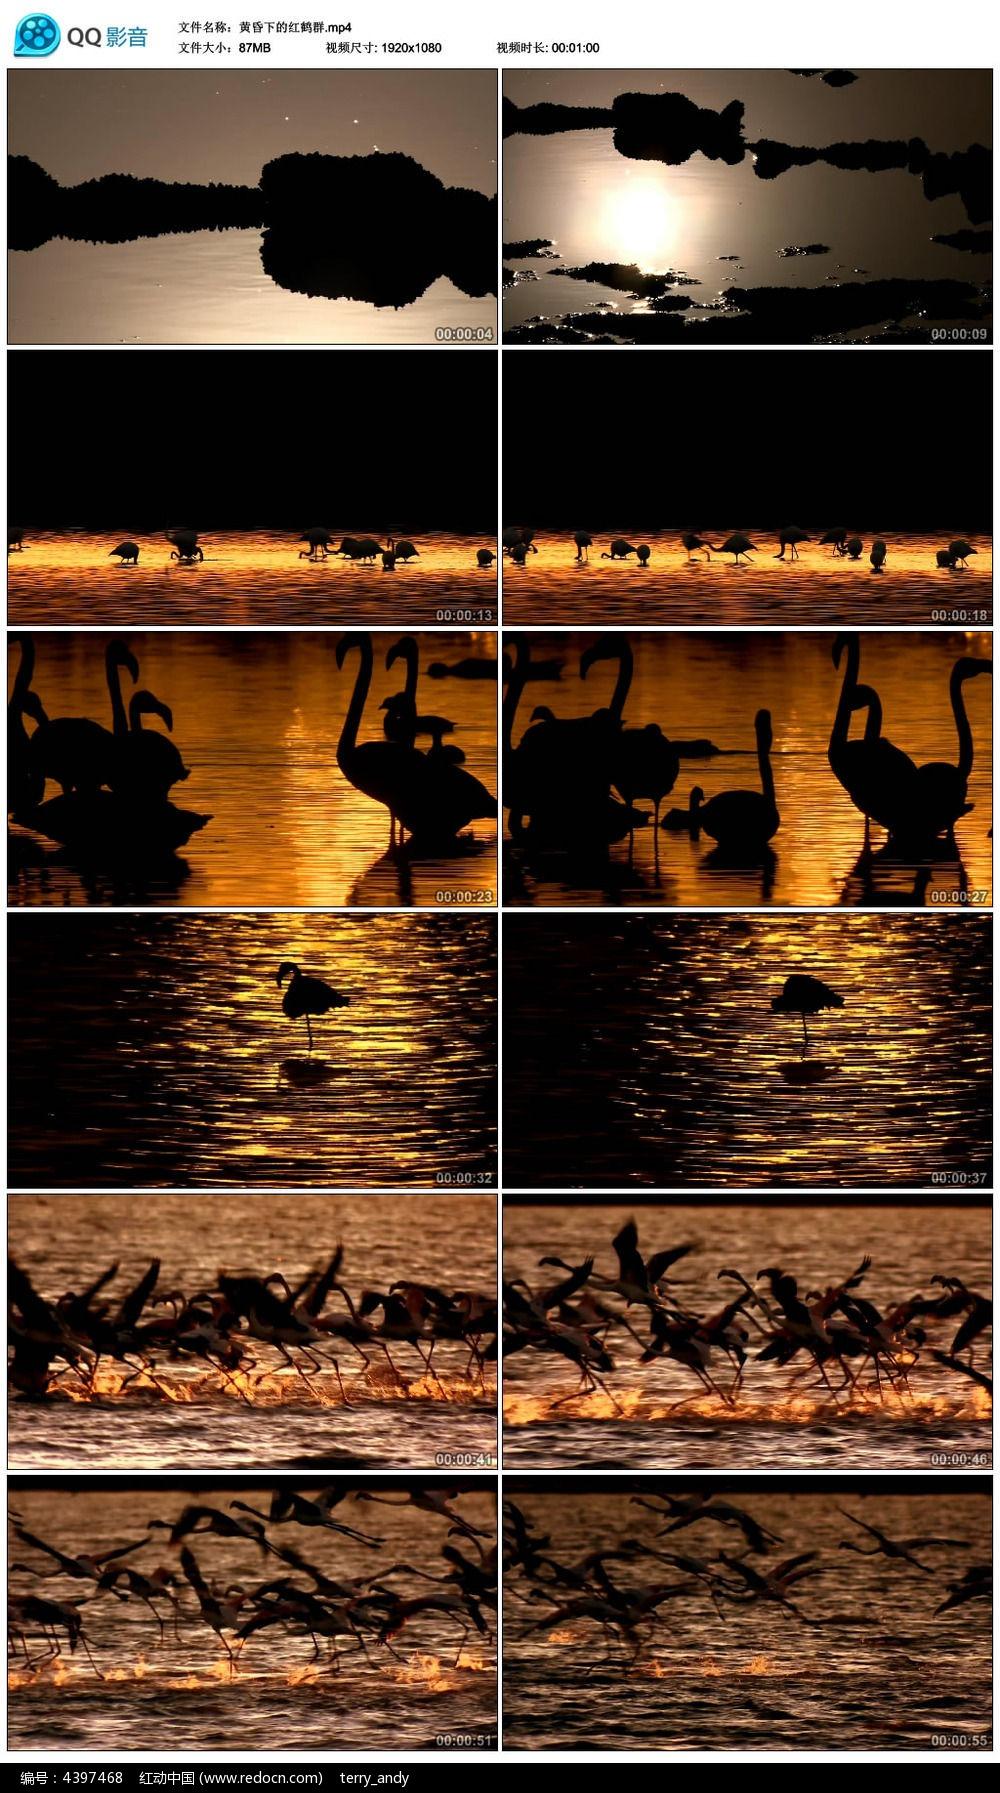 唯美黄昏下的红鹤群视频素材图片